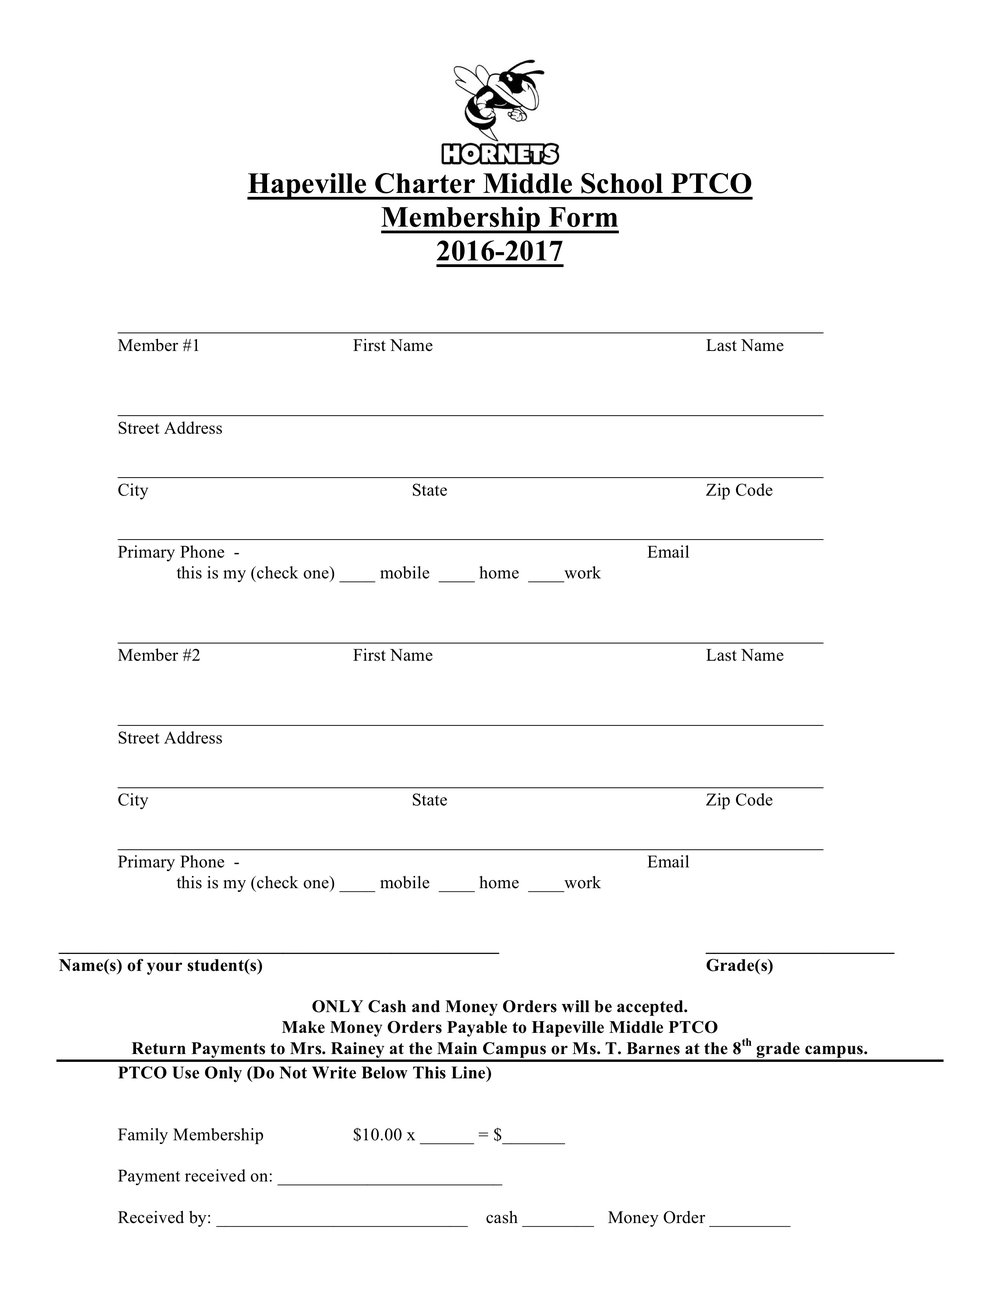 Newsletter Image6th Grade Newsletter 9-5-2016 9.jpeg